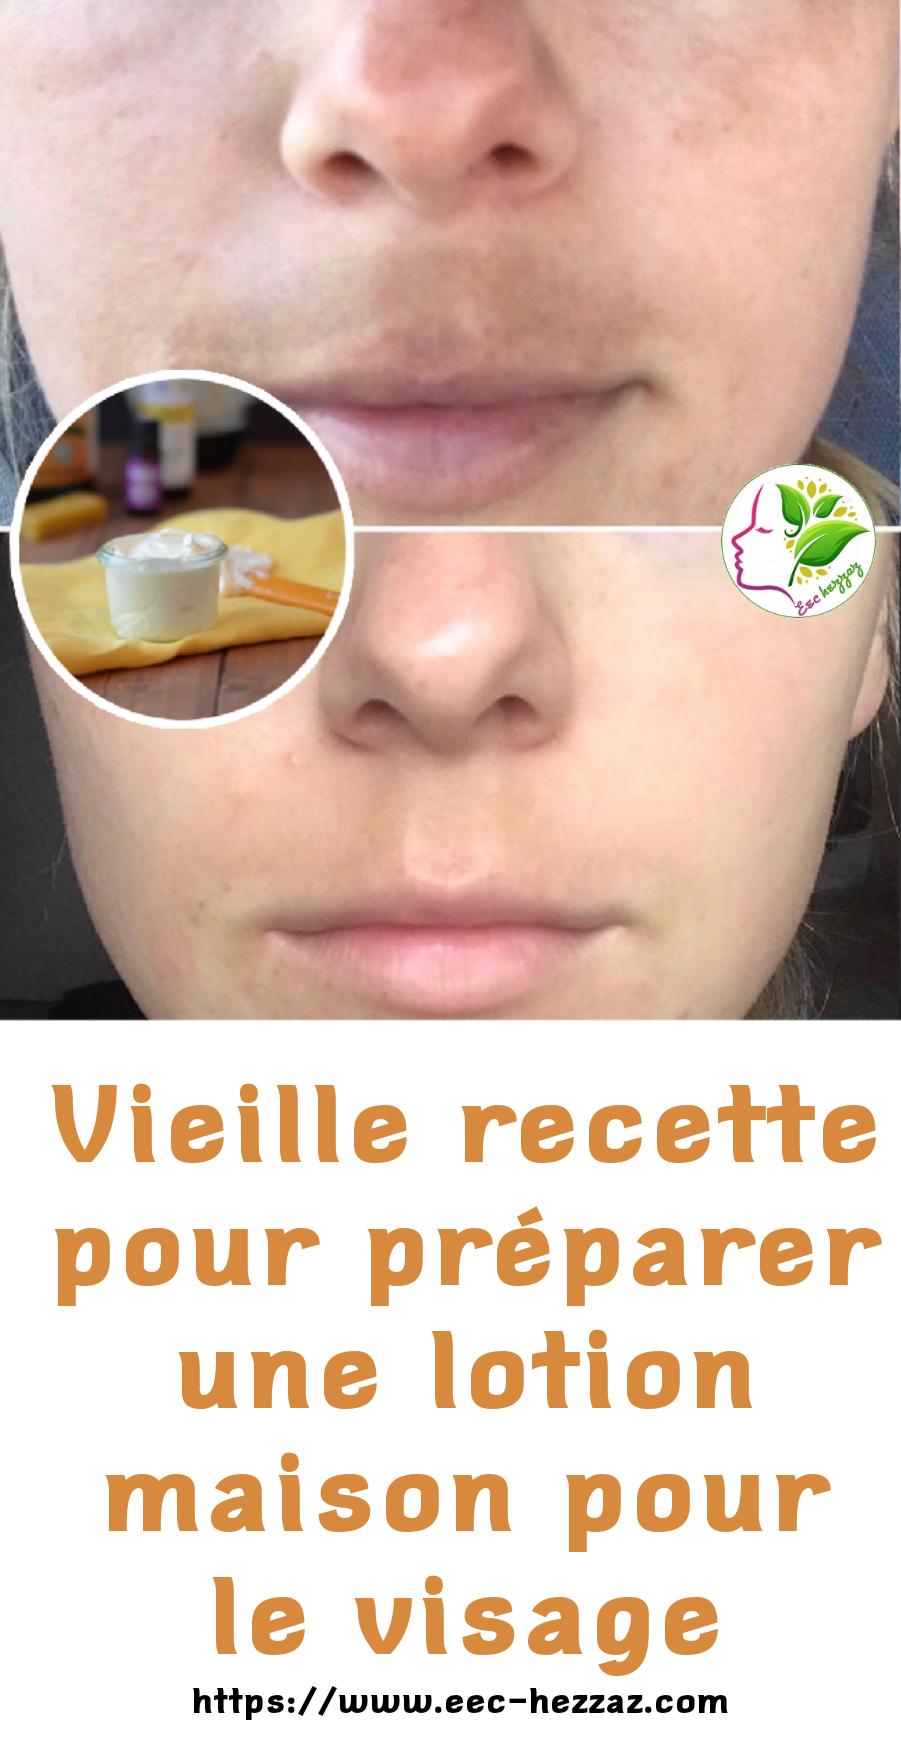 Vieille recette pour préparer une lotion maison pour le visage